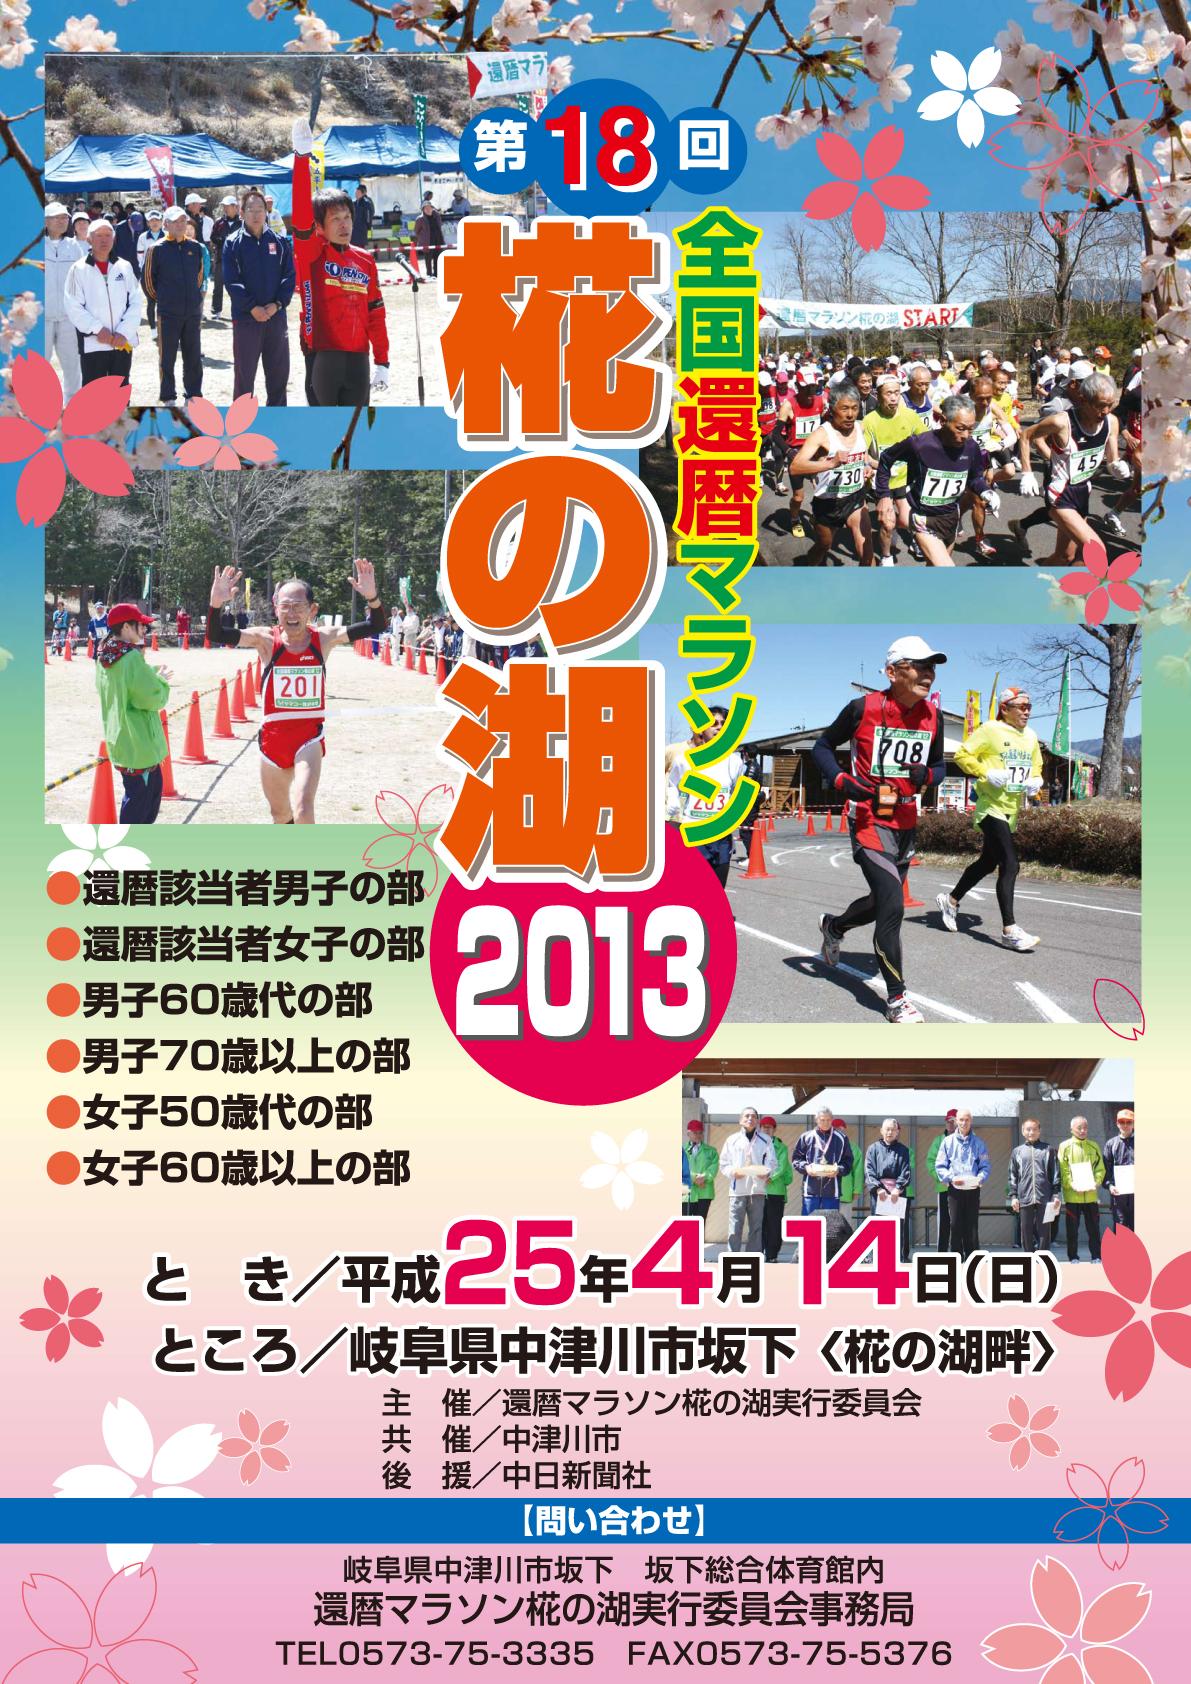 第18回 全国還暦マラソン椛の湖2013